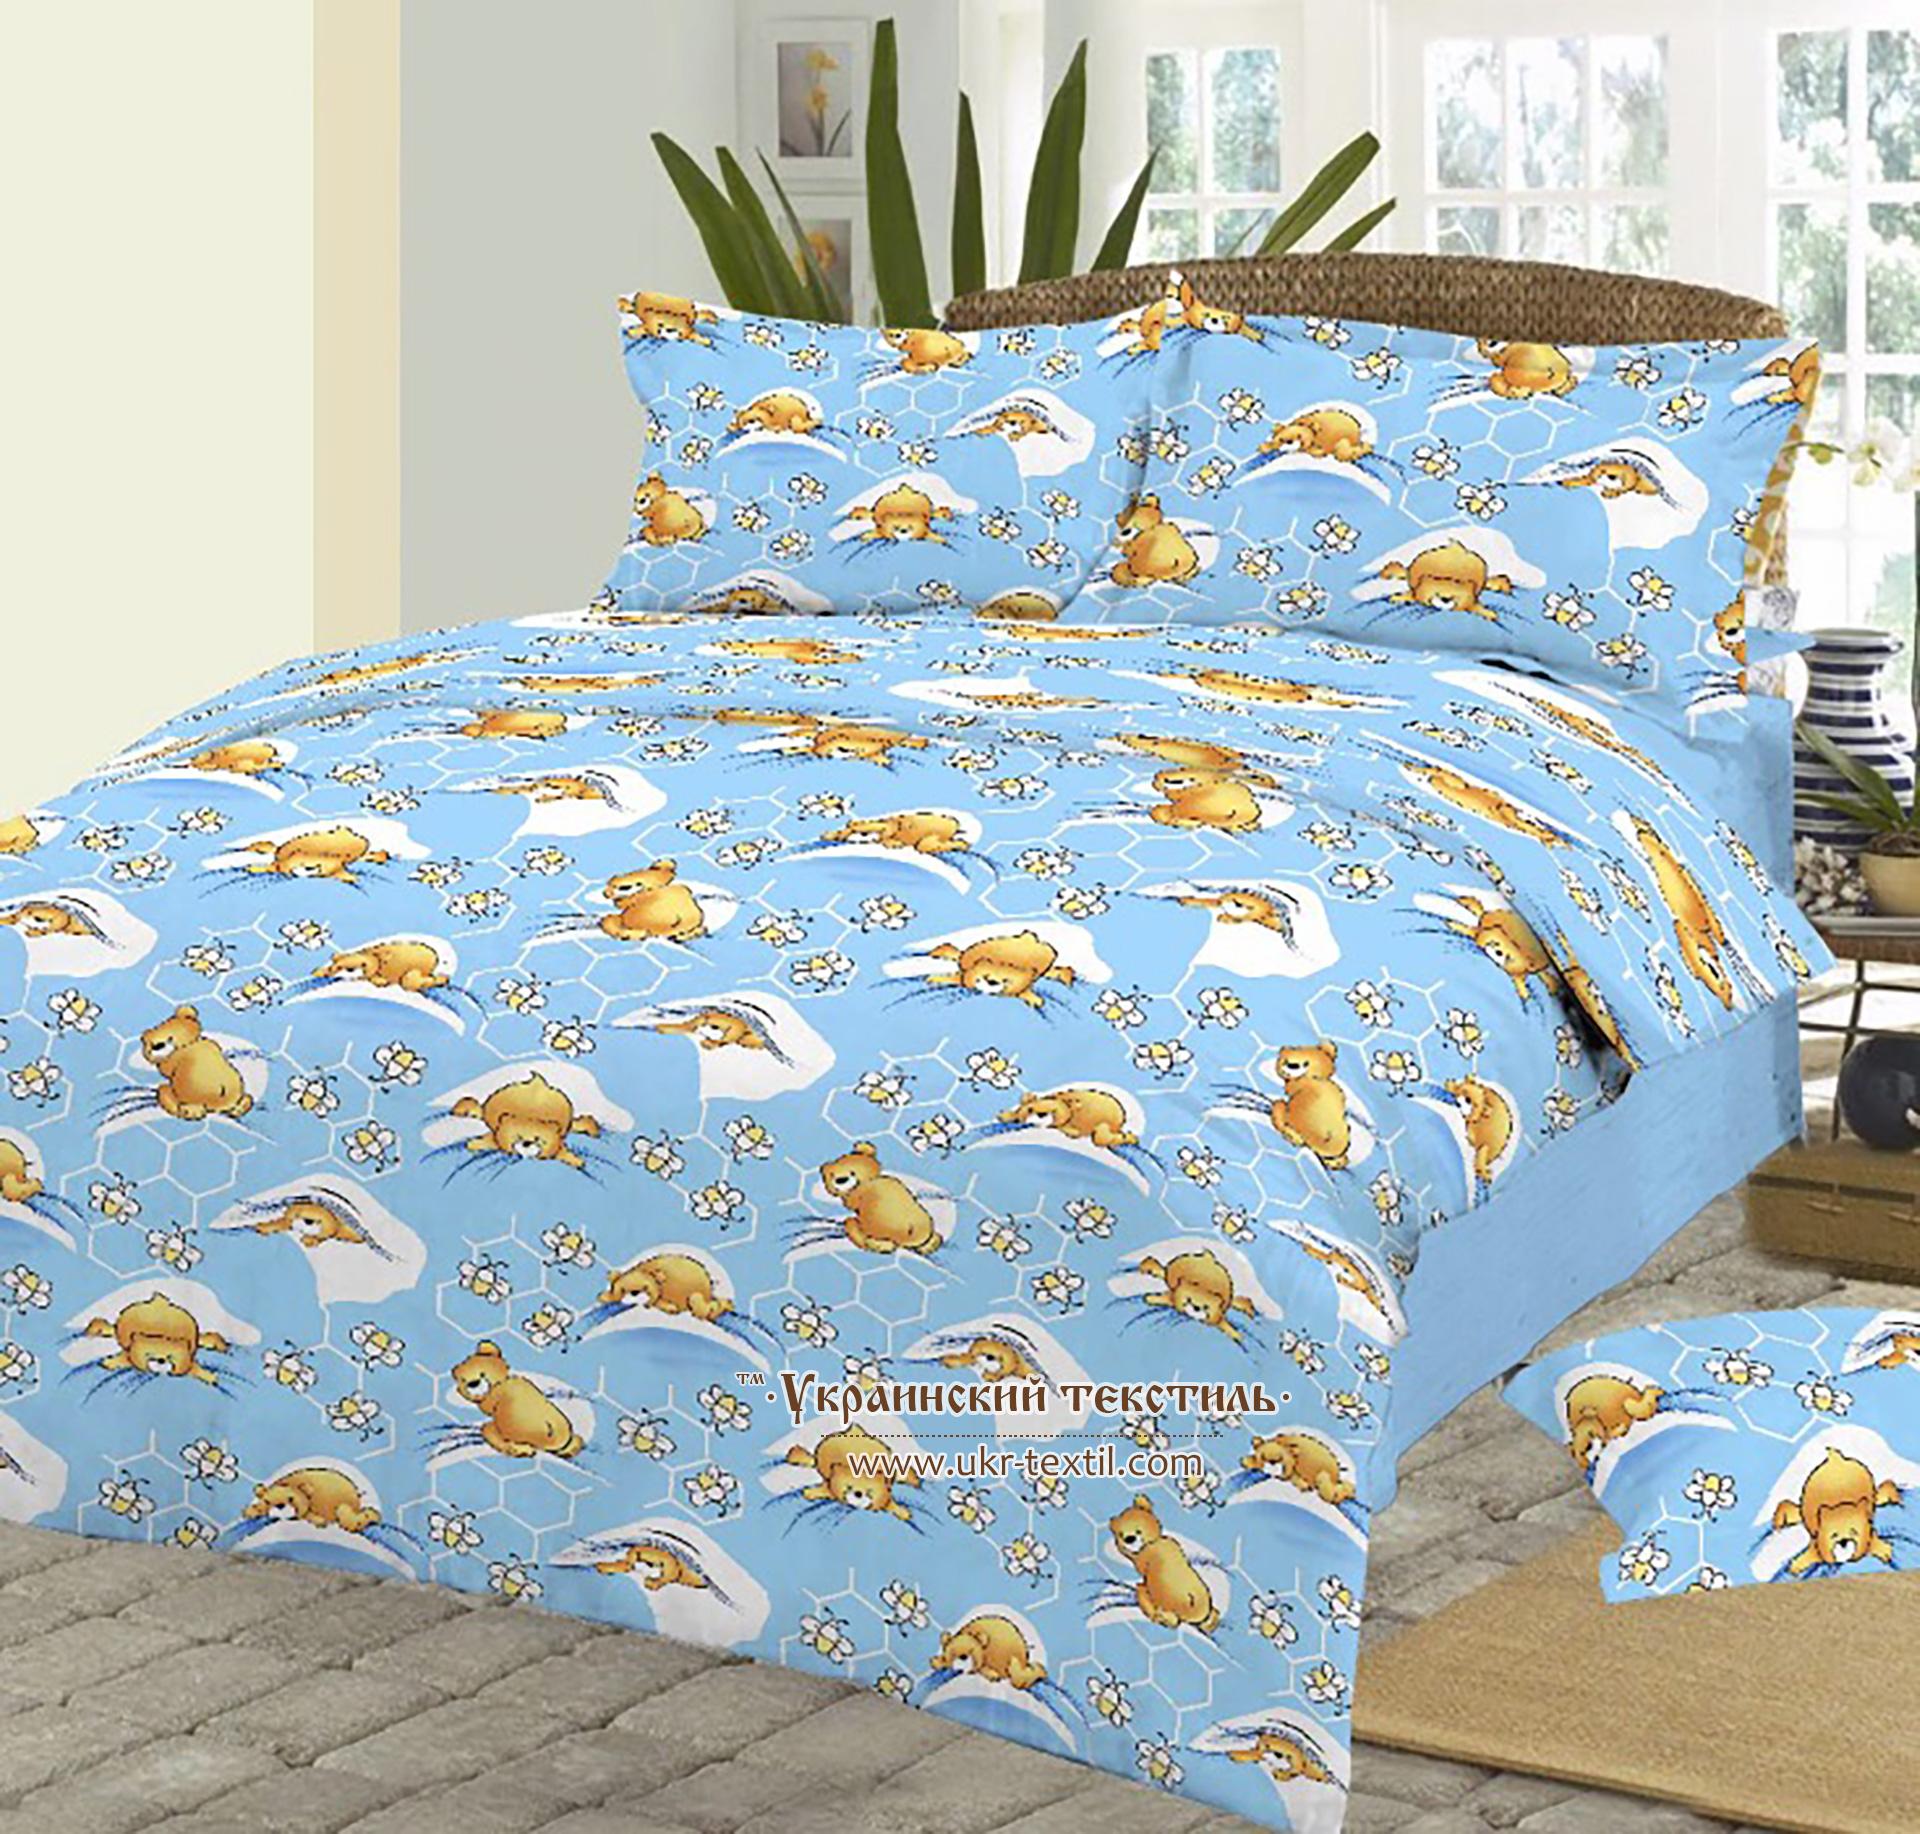 Пошить детское постельное белье